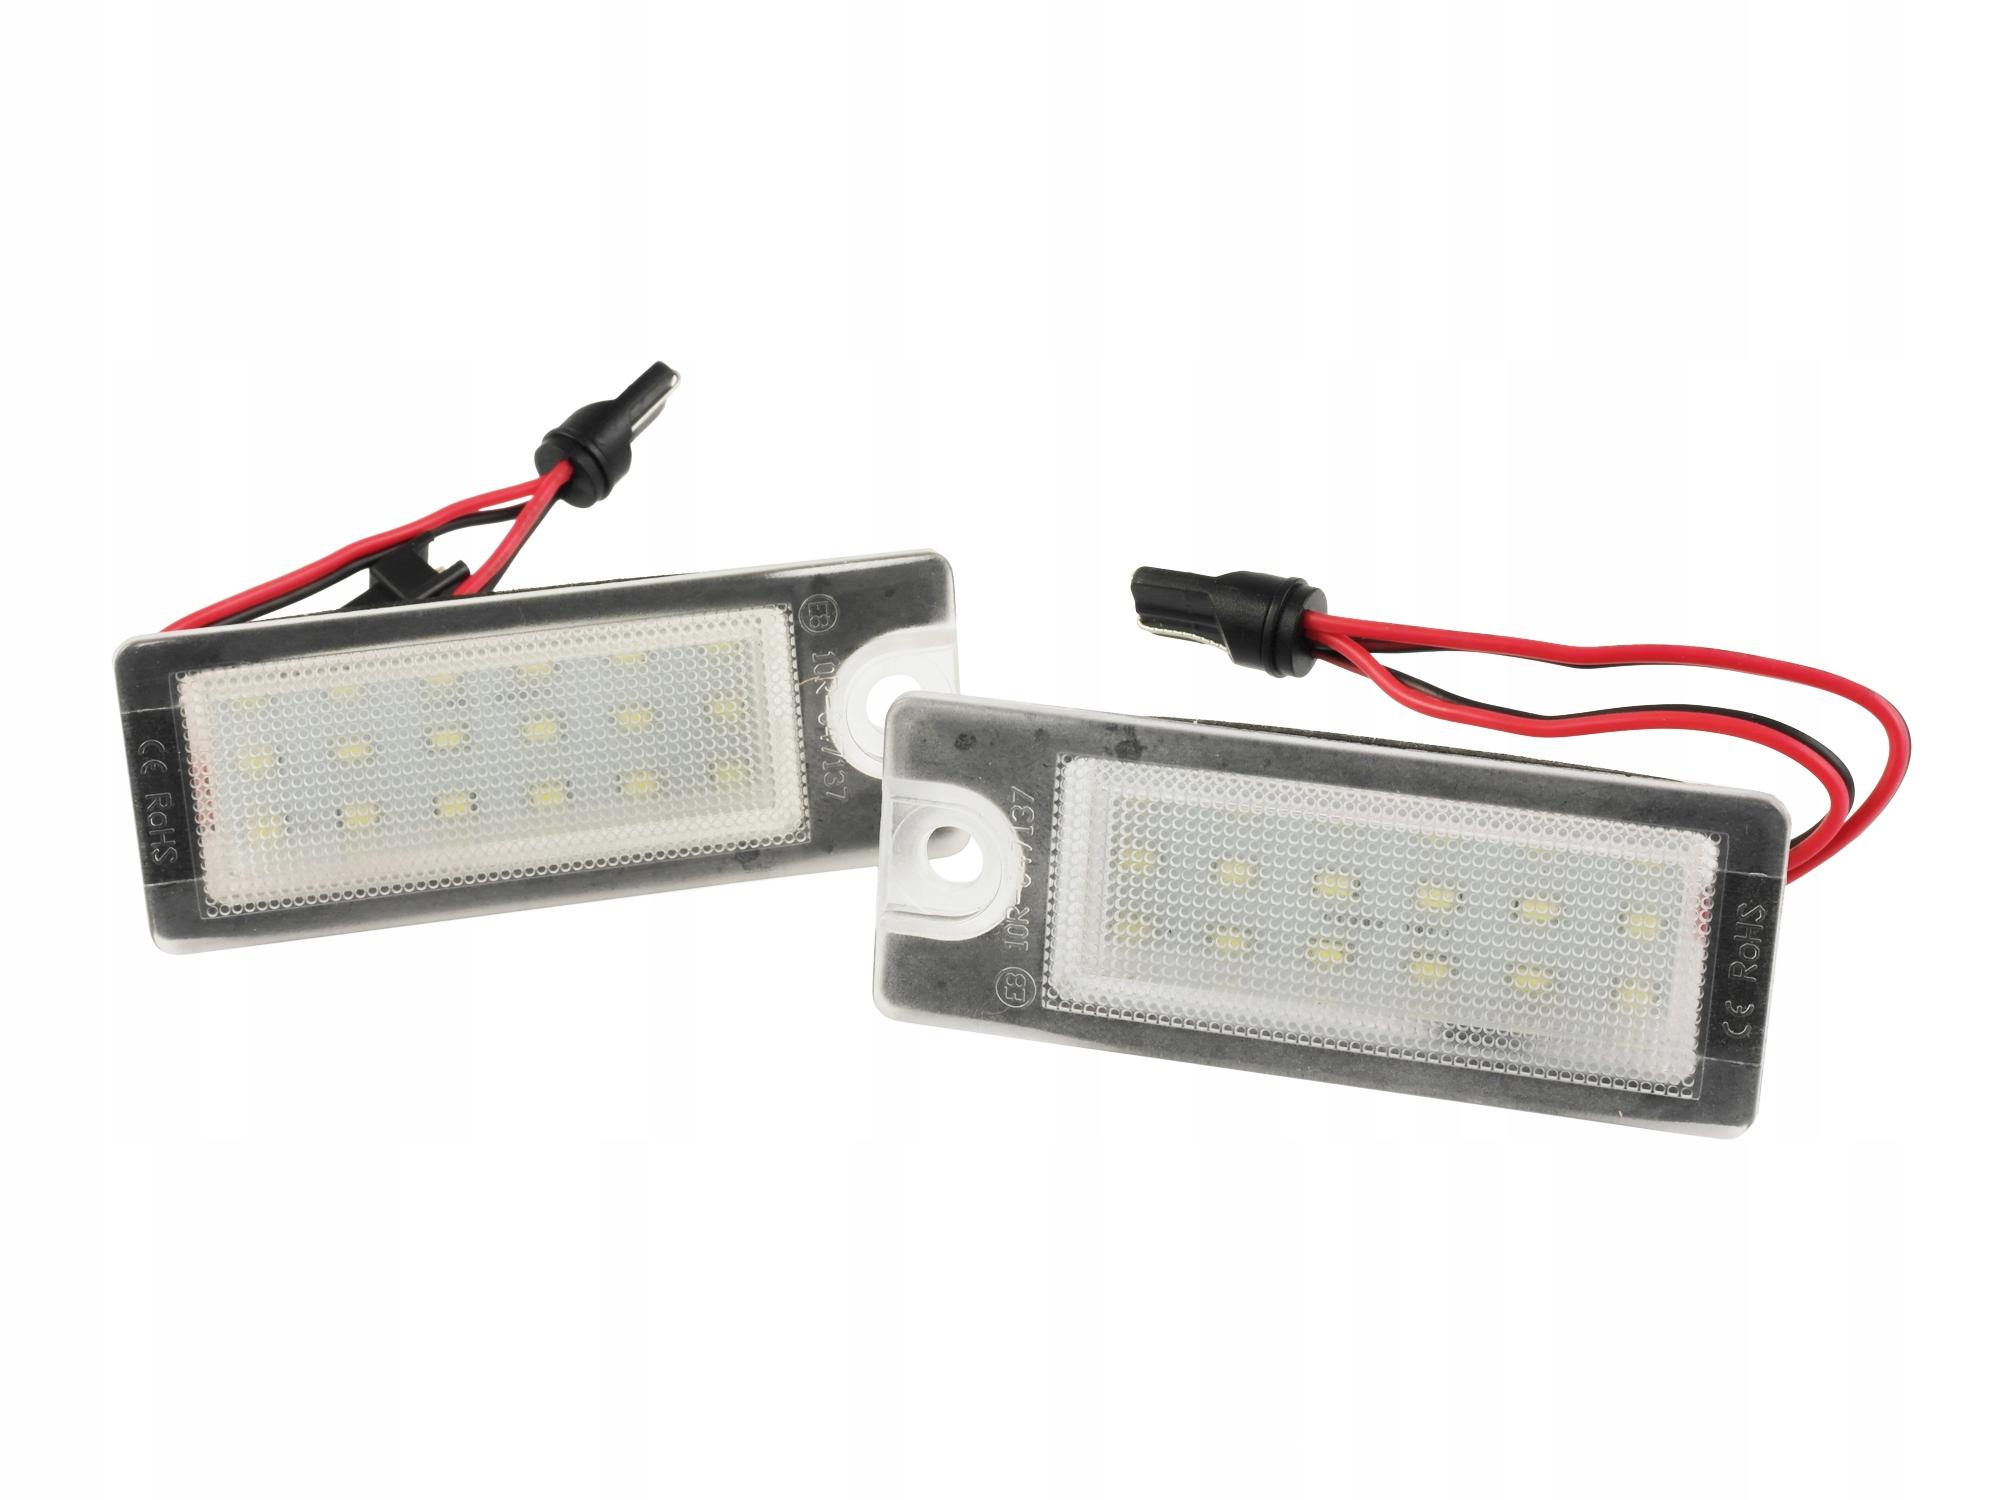 подсветка led массива volvo s60 s80 v70 xc90